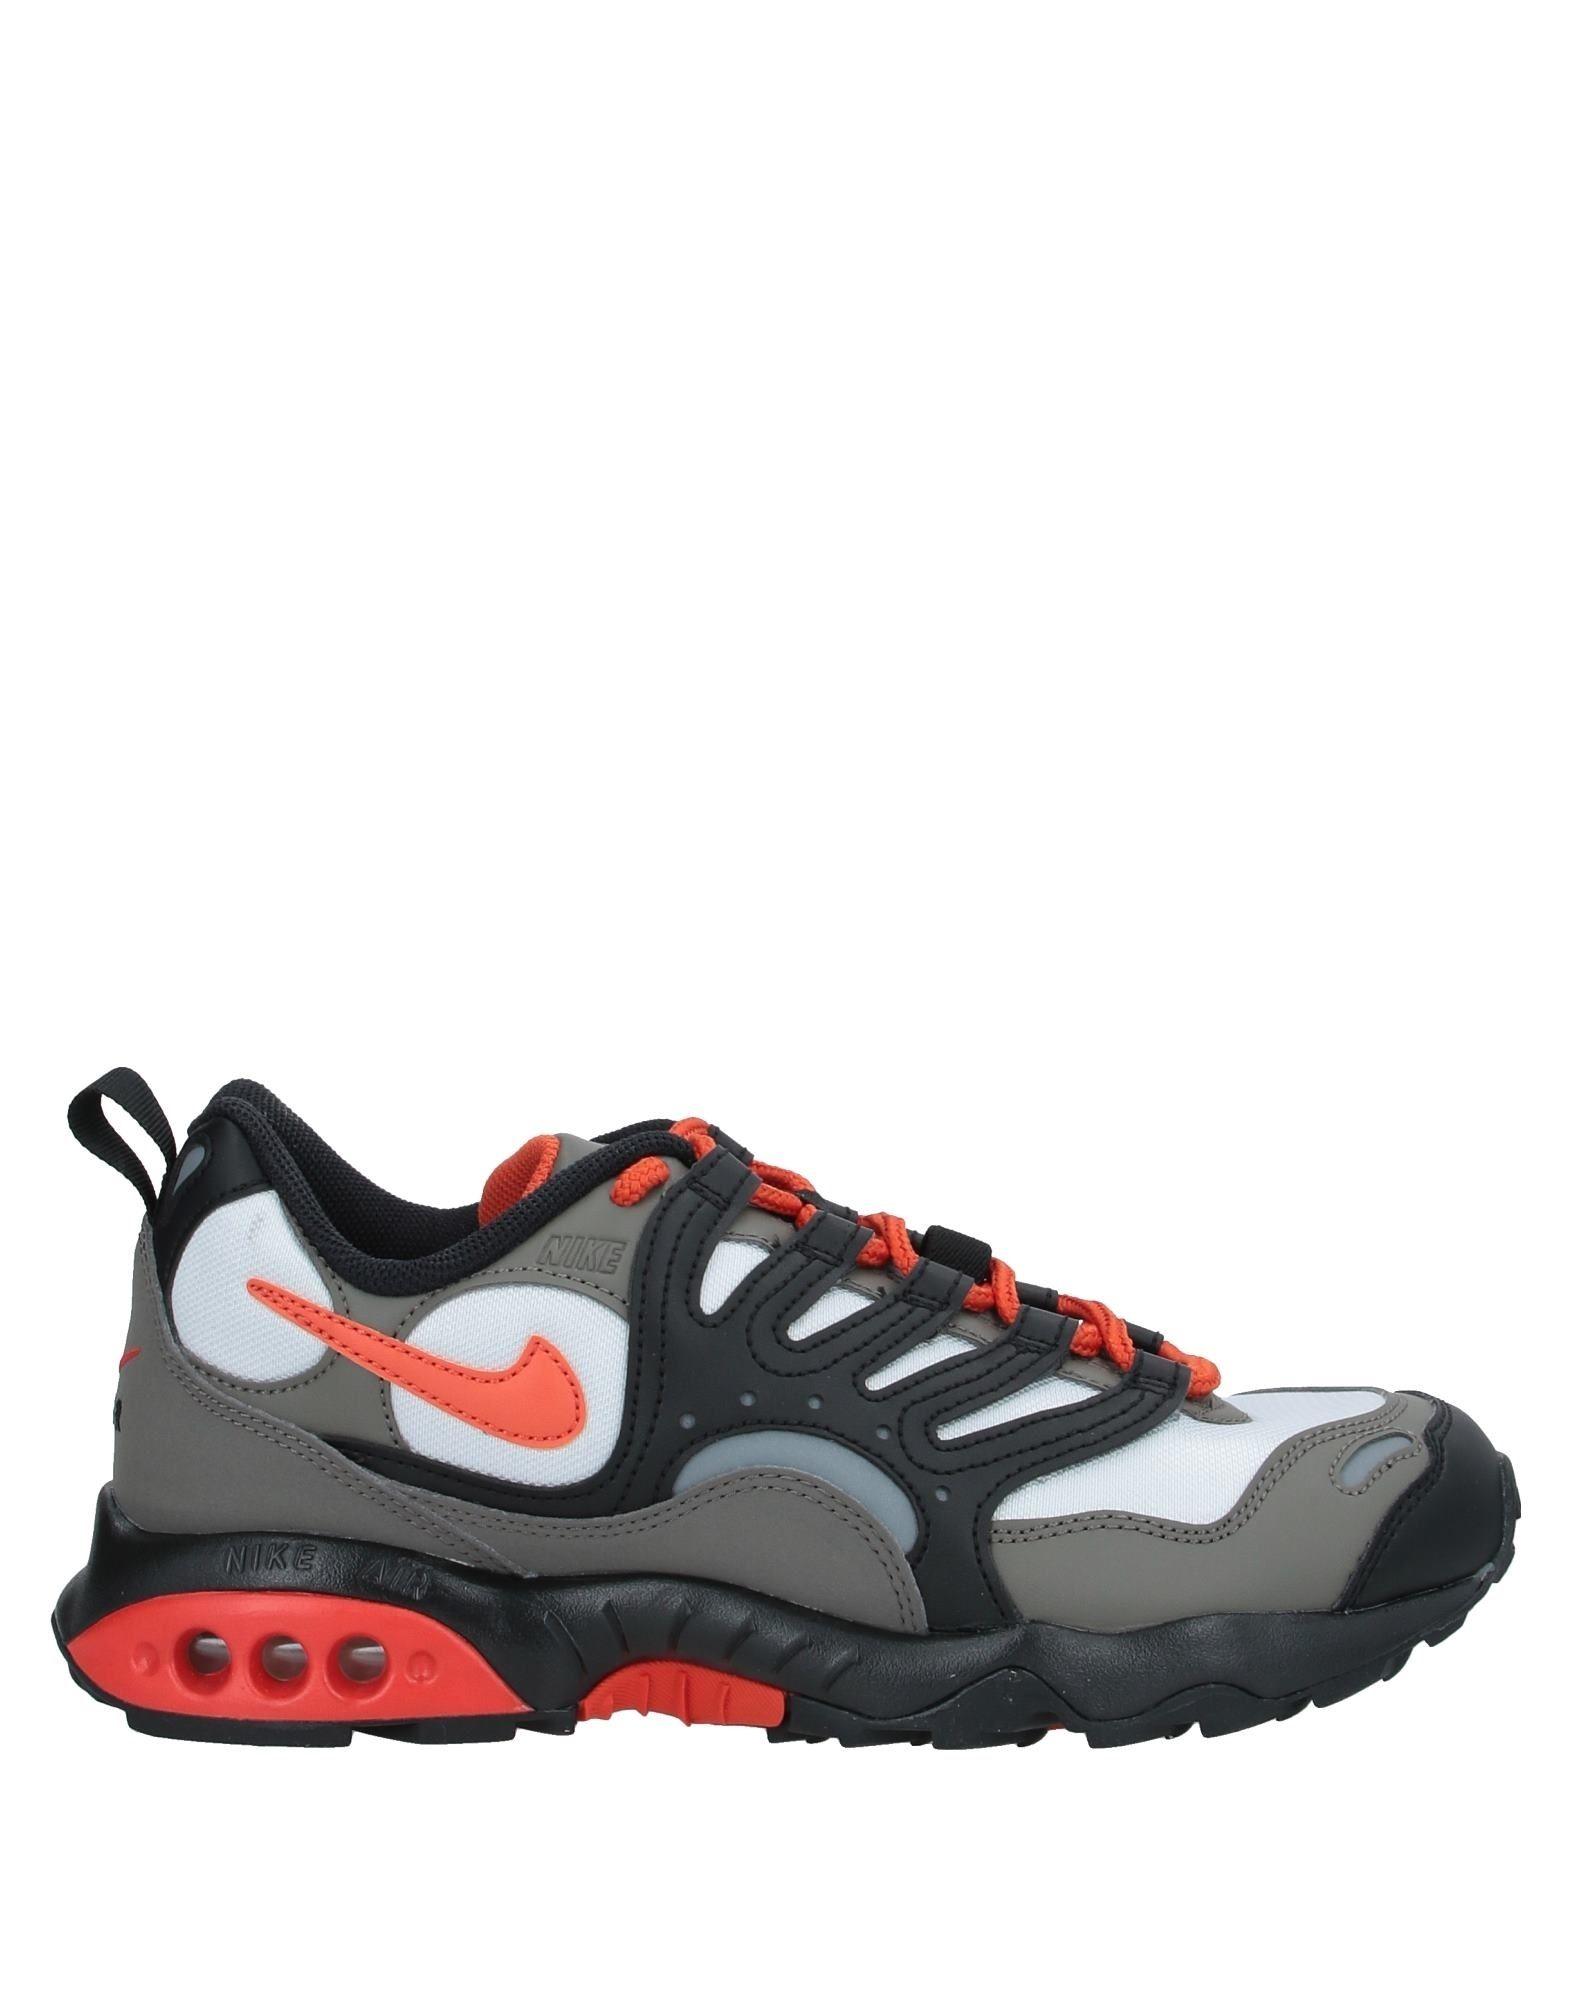 Turnscarpe Nike uomo - 11714504UV